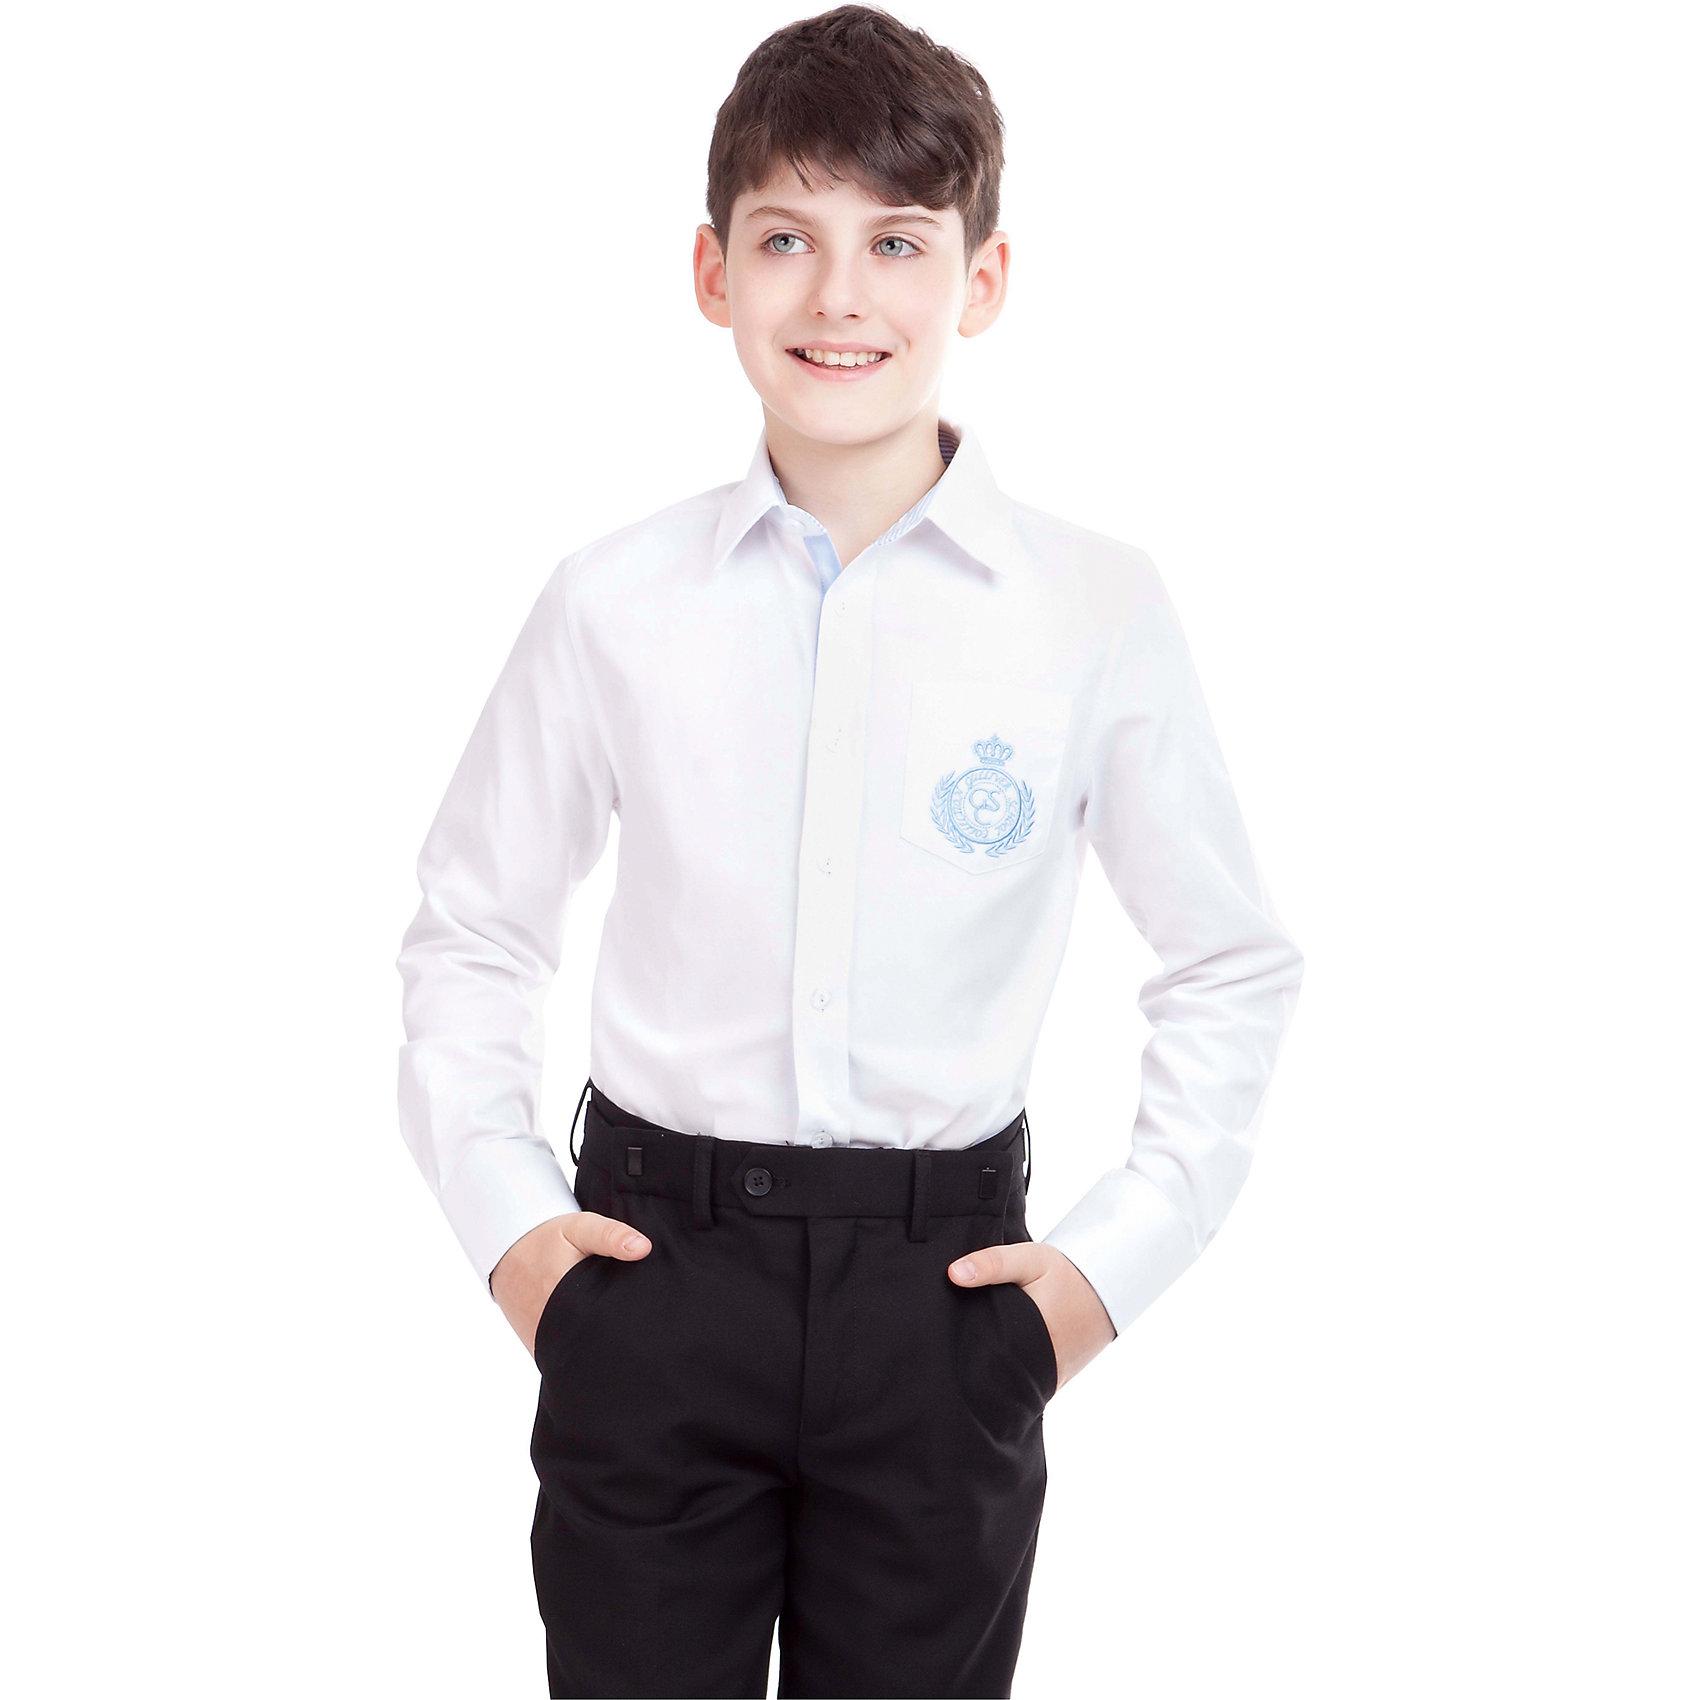 Рубашка для мальчика GulliverРубашка для мальчика от российского бренда Gulliver.<br>Классическая белая рубашка имеет интересные индивидуальные черты благодаря декоративным деталям, которые позволят выглядеть школьнику весьма оригинально: настрочные налокотники, контрастная отделка стойки, манжет и планки, а также лаконичная вышивка и шеврон с монограммой GSC (Gulliver School Collection).<br>Состав:<br>80%Хлопок 20%Полиэстер<br><br>Ширина мм: 174<br>Глубина мм: 10<br>Высота мм: 169<br>Вес г: 157<br>Цвет: белый/голубой<br>Возраст от месяцев: 96<br>Возраст до месяцев: 108<br>Пол: Мужской<br>Возраст: Детский<br>Размер: 134,140,128,122,164,152,158,146<br>SKU: 4174558